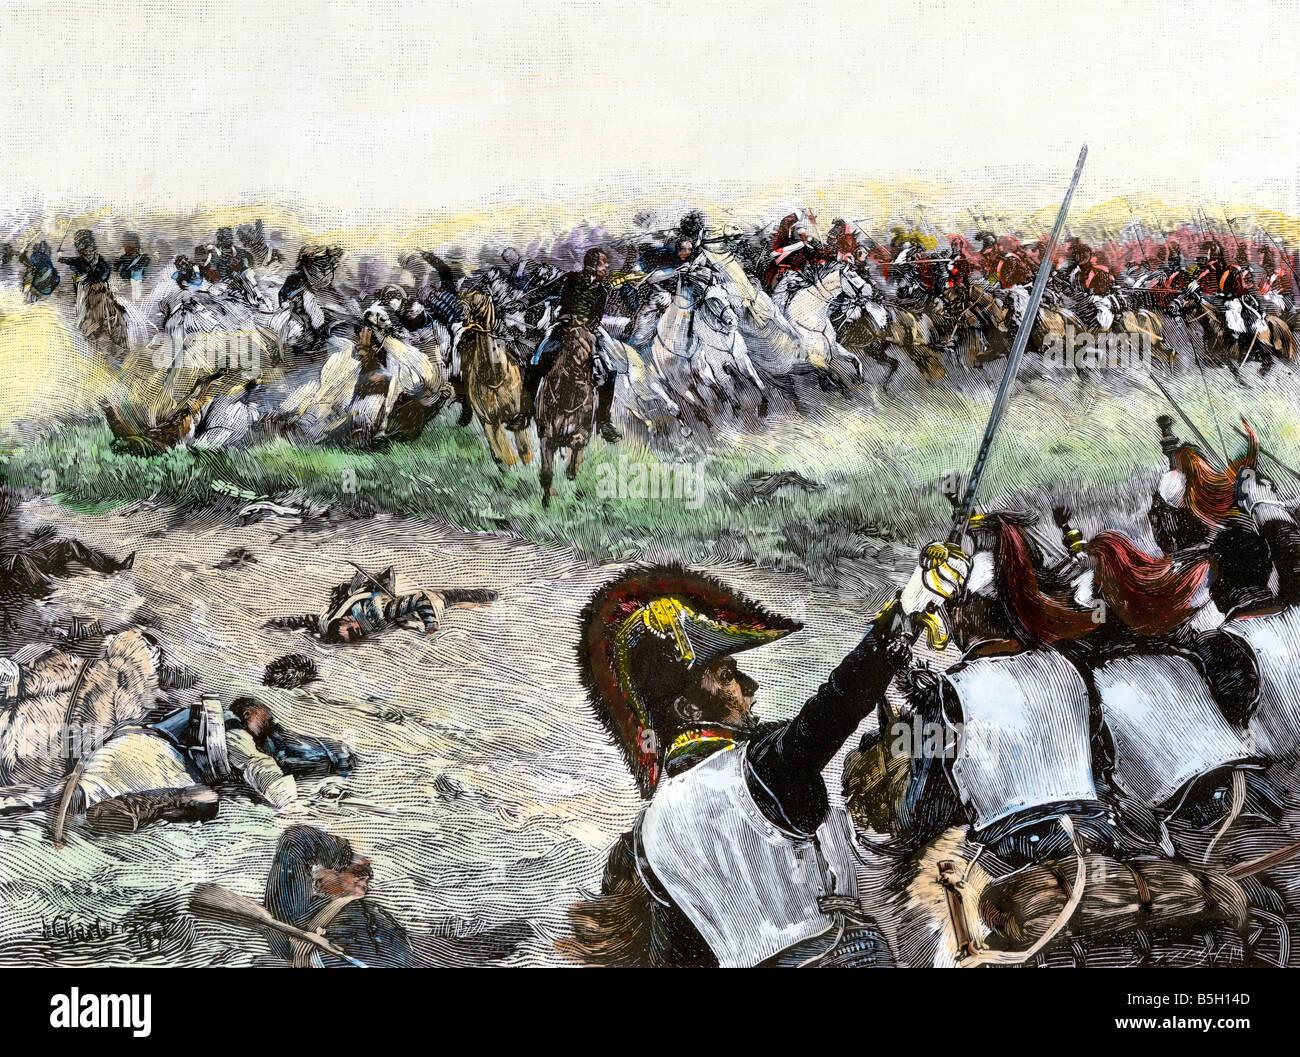 Carga de caballería durante la batalla final de Napoleón en Waterloo 1815. Mano de color halftone de ilustración. Foto de stock